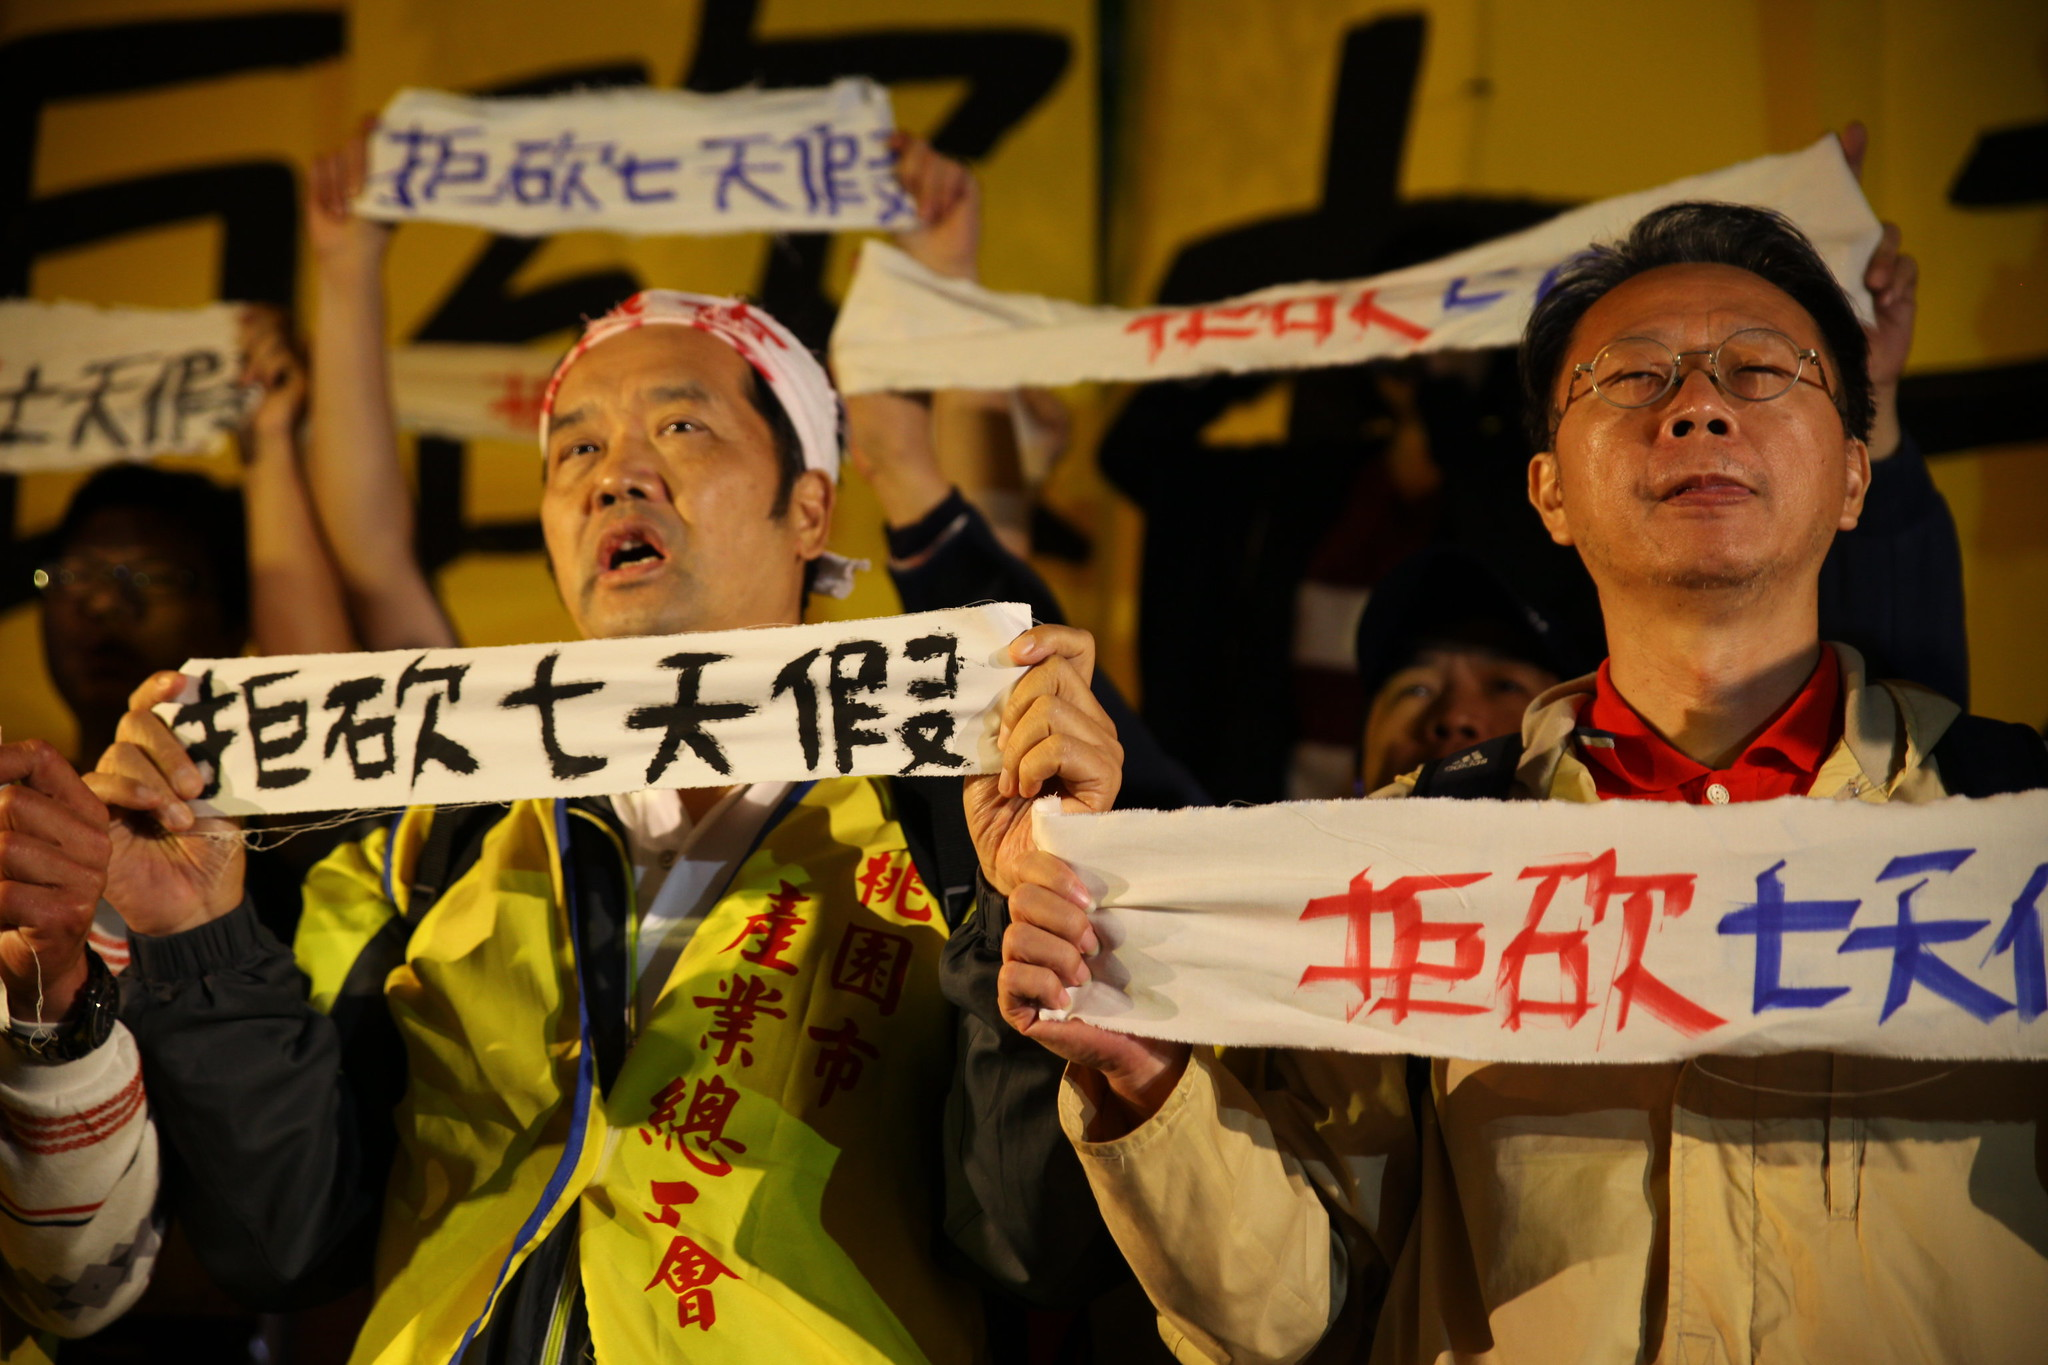 立院宣布休會後,勞團高喊口號強調下週會繼續動員抗爭反砍假。(攝影:陳逸婷)